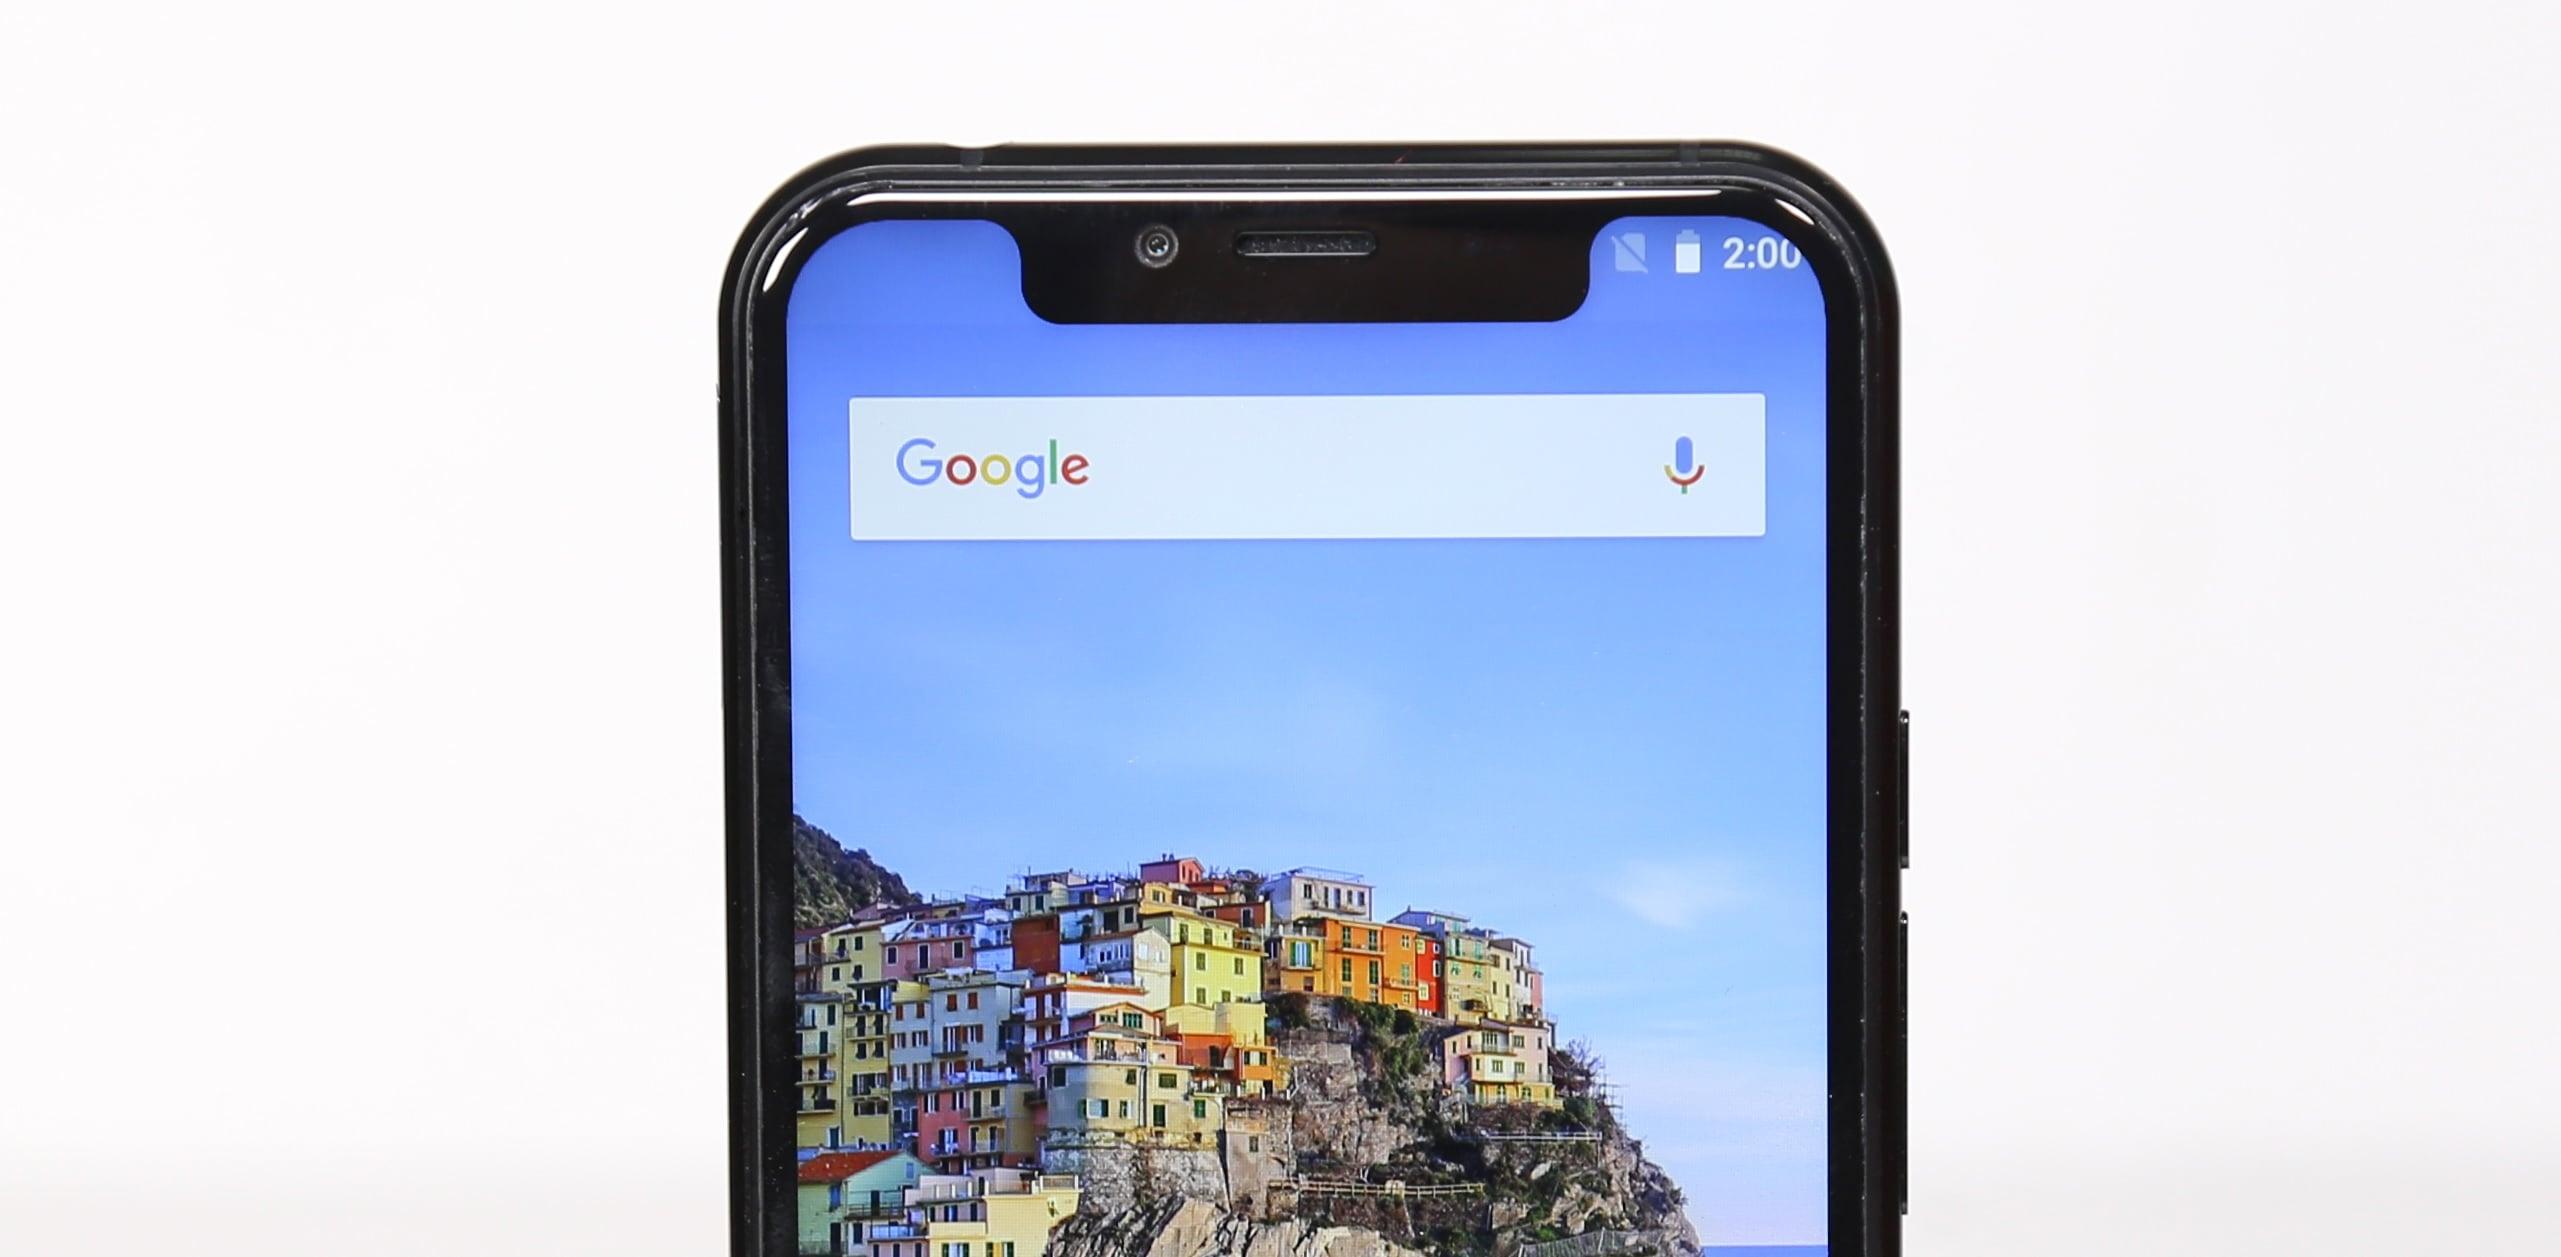 Wideo: tak wygląda ekran wzorowany na iPhonie X w Androidzie, na przykładzie Ulefone X 22